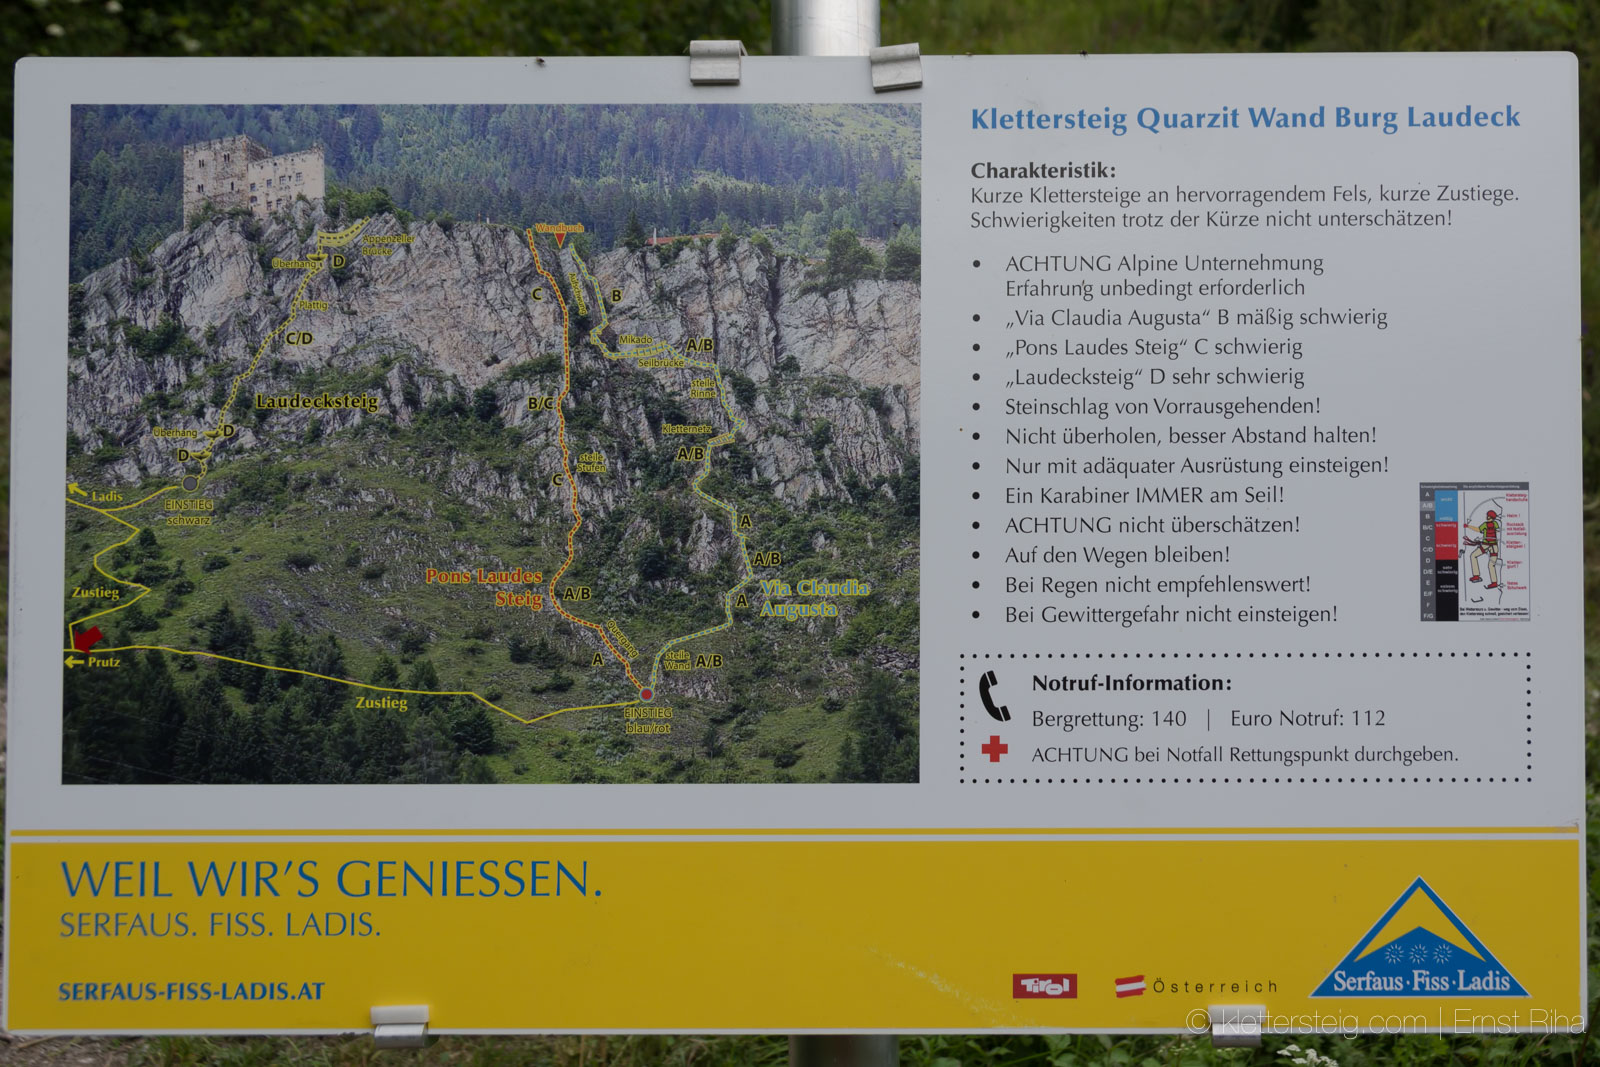 Klettersteig Quarzit Wand : Klettersteig quarzit wand beschreibung klettersteige ladis